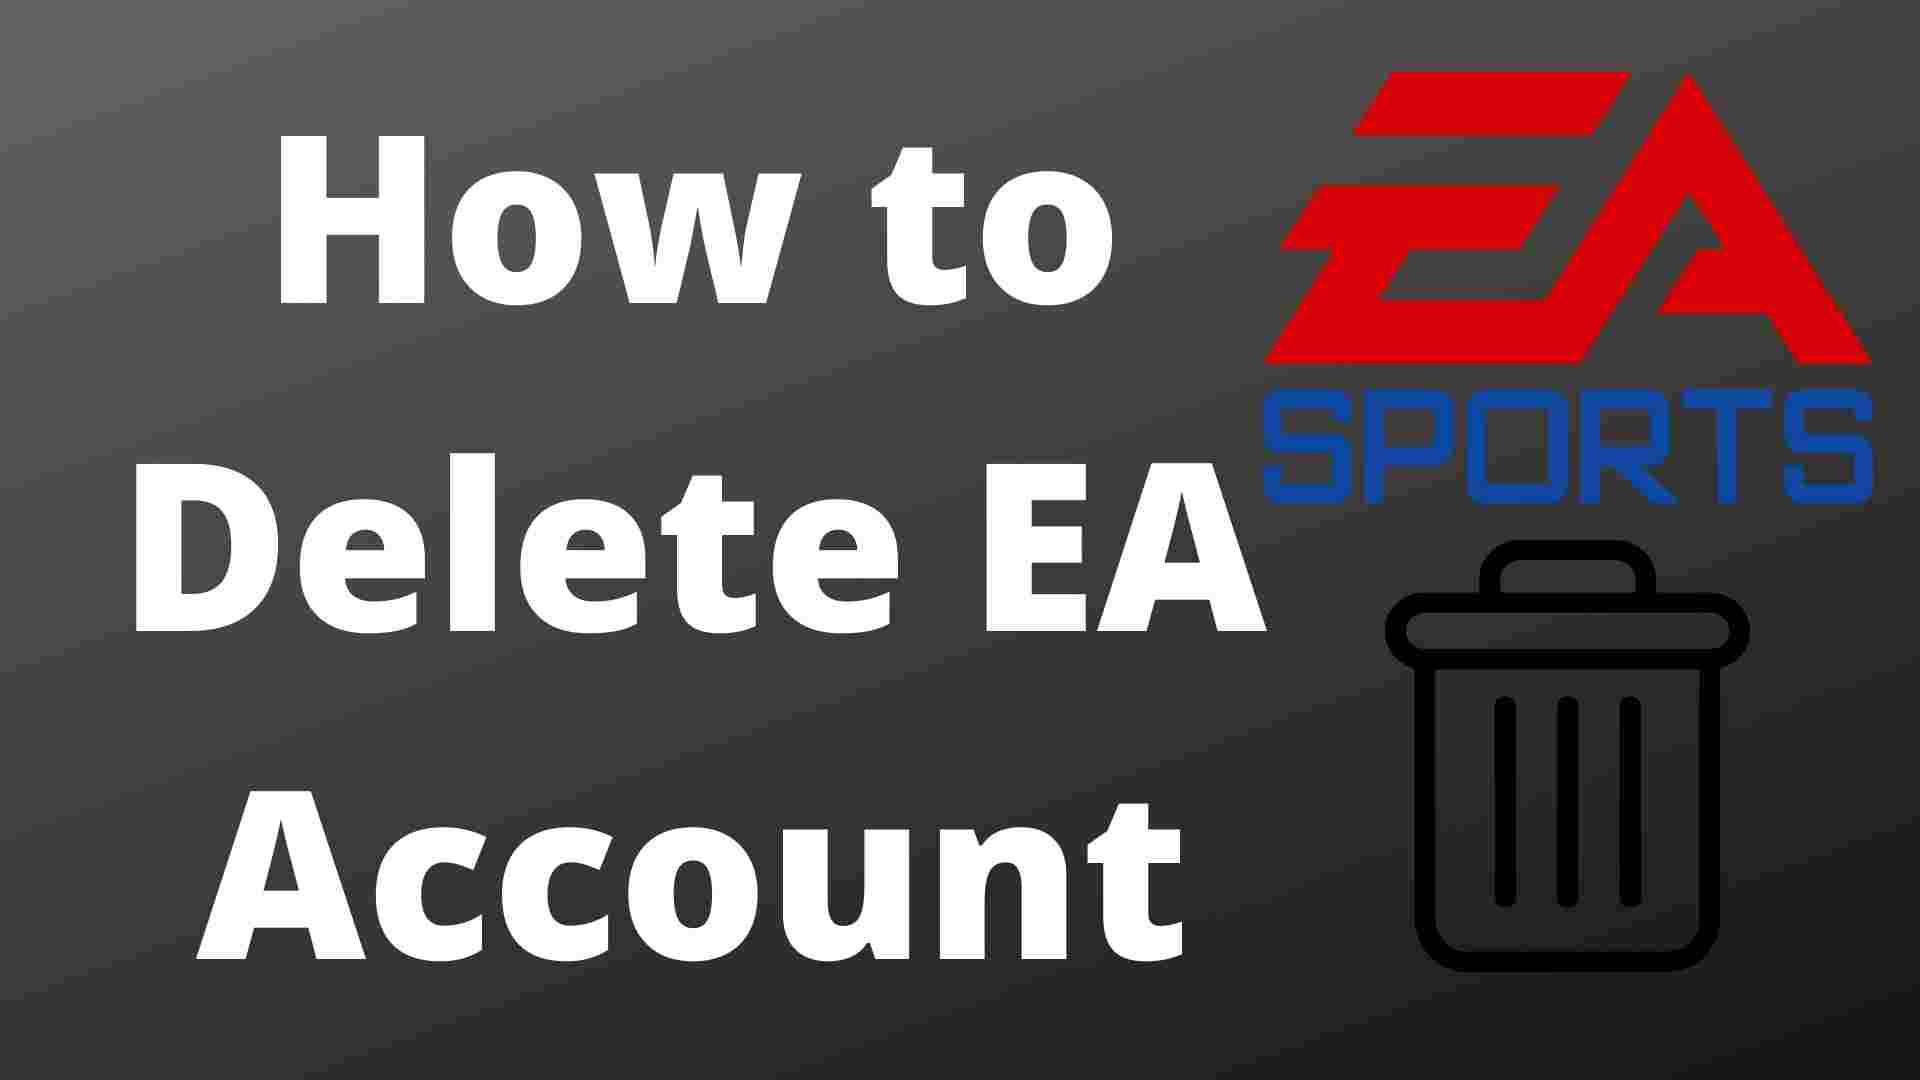 How to Delete EA Account